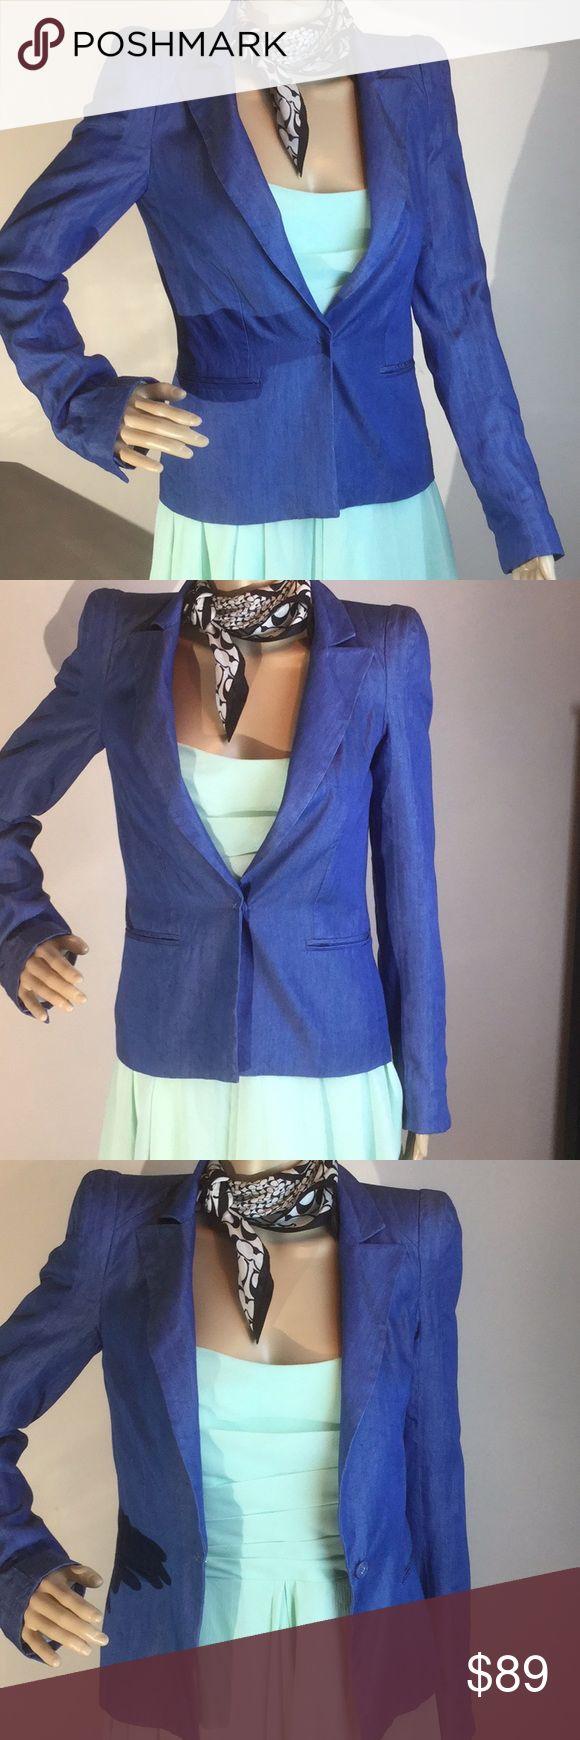 """Antik Batik Blazer New size XS Blazer. Measurements taken laying flat: bust - 16"""", length - 23"""". Make me an offer Antik Batik Jackets & Coats Blazers"""